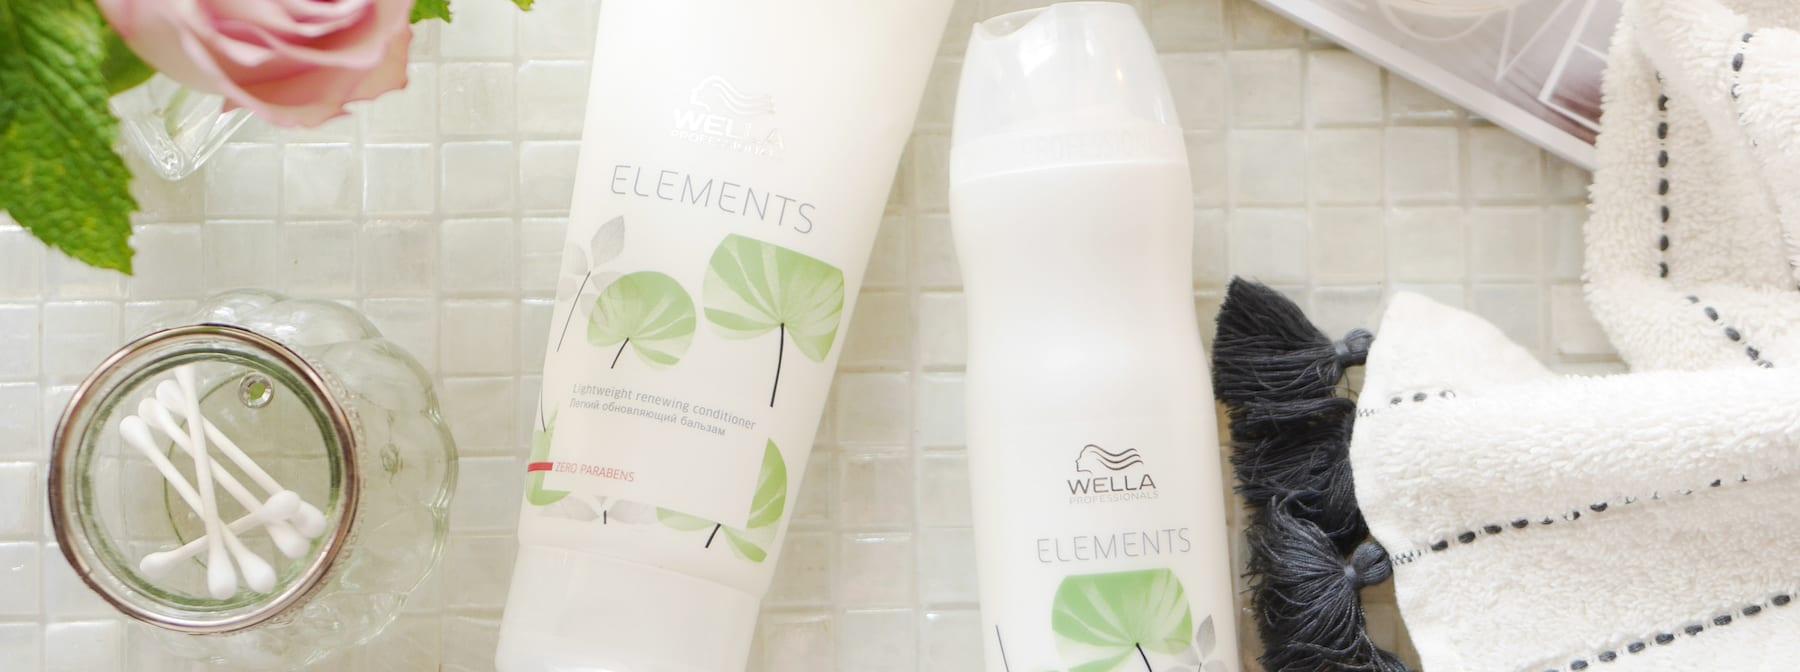 WellaのElements Renewシリーズで「夏の刺激」にも負けない髪に!